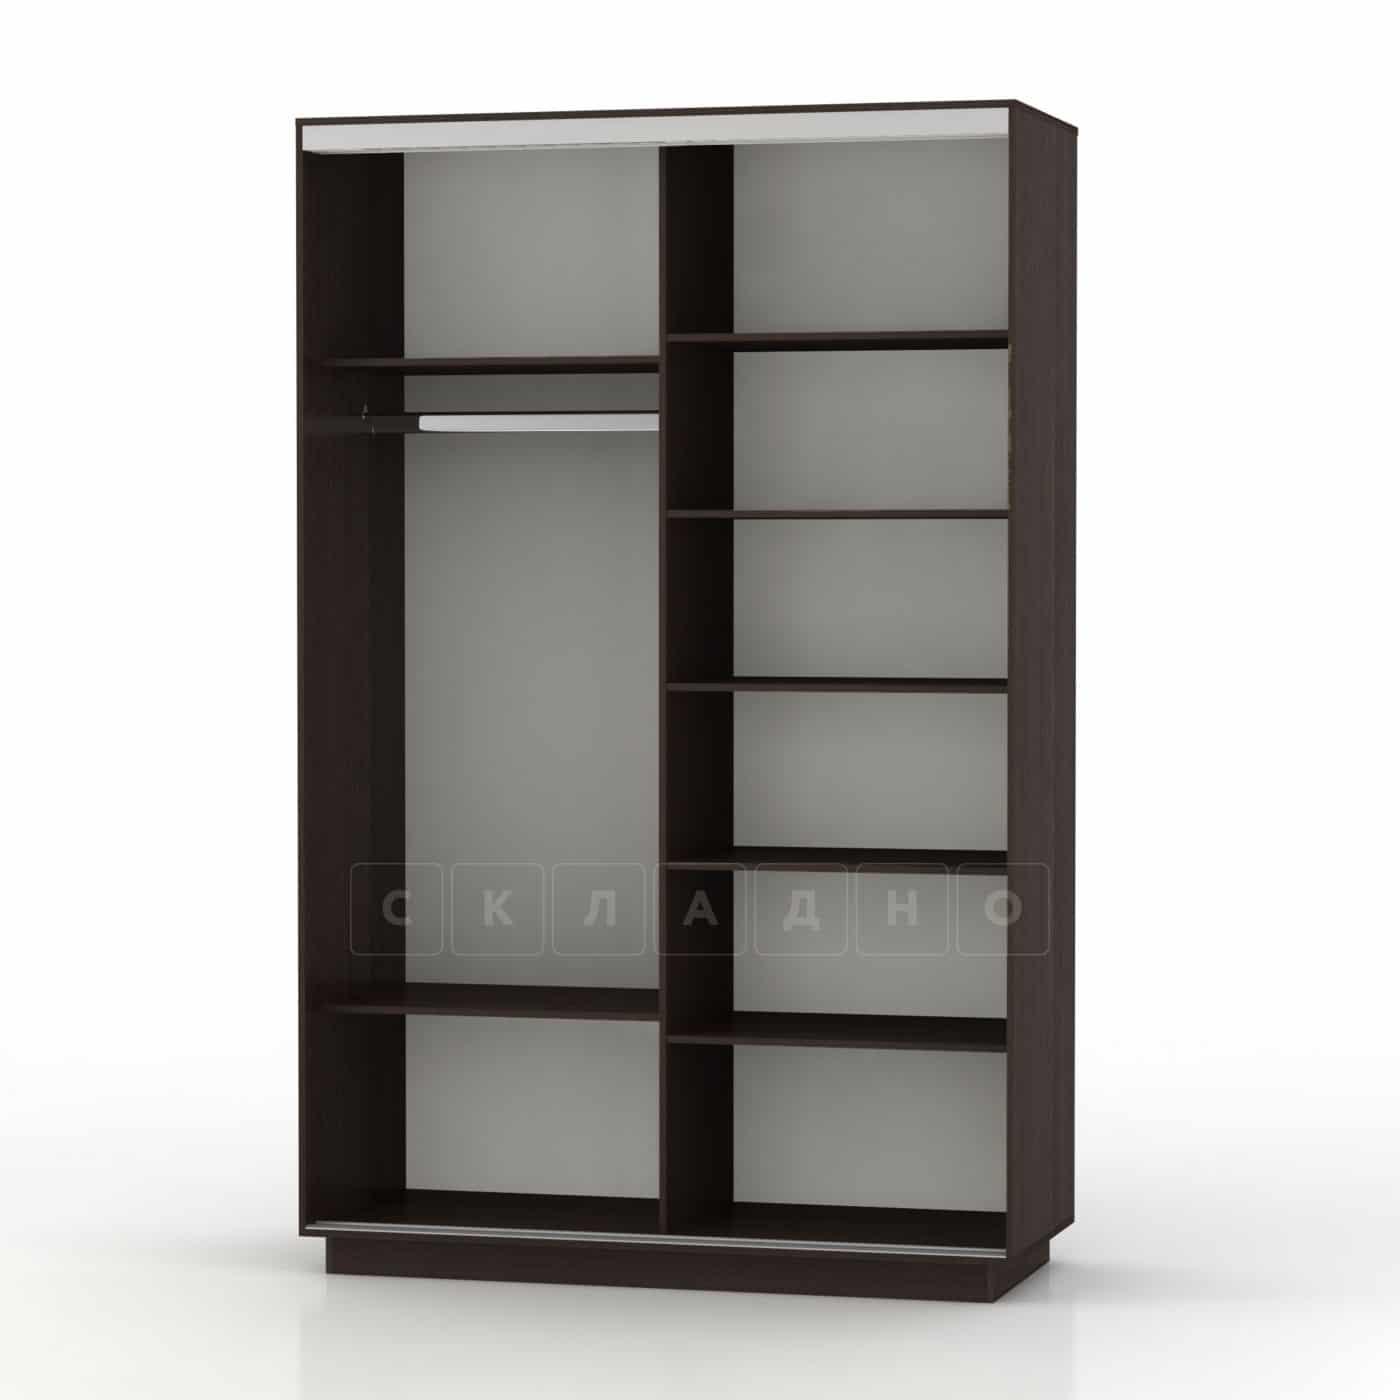 Шкаф-купе Элемент дуо 120 см фото 3 | интернет-магазин Складно